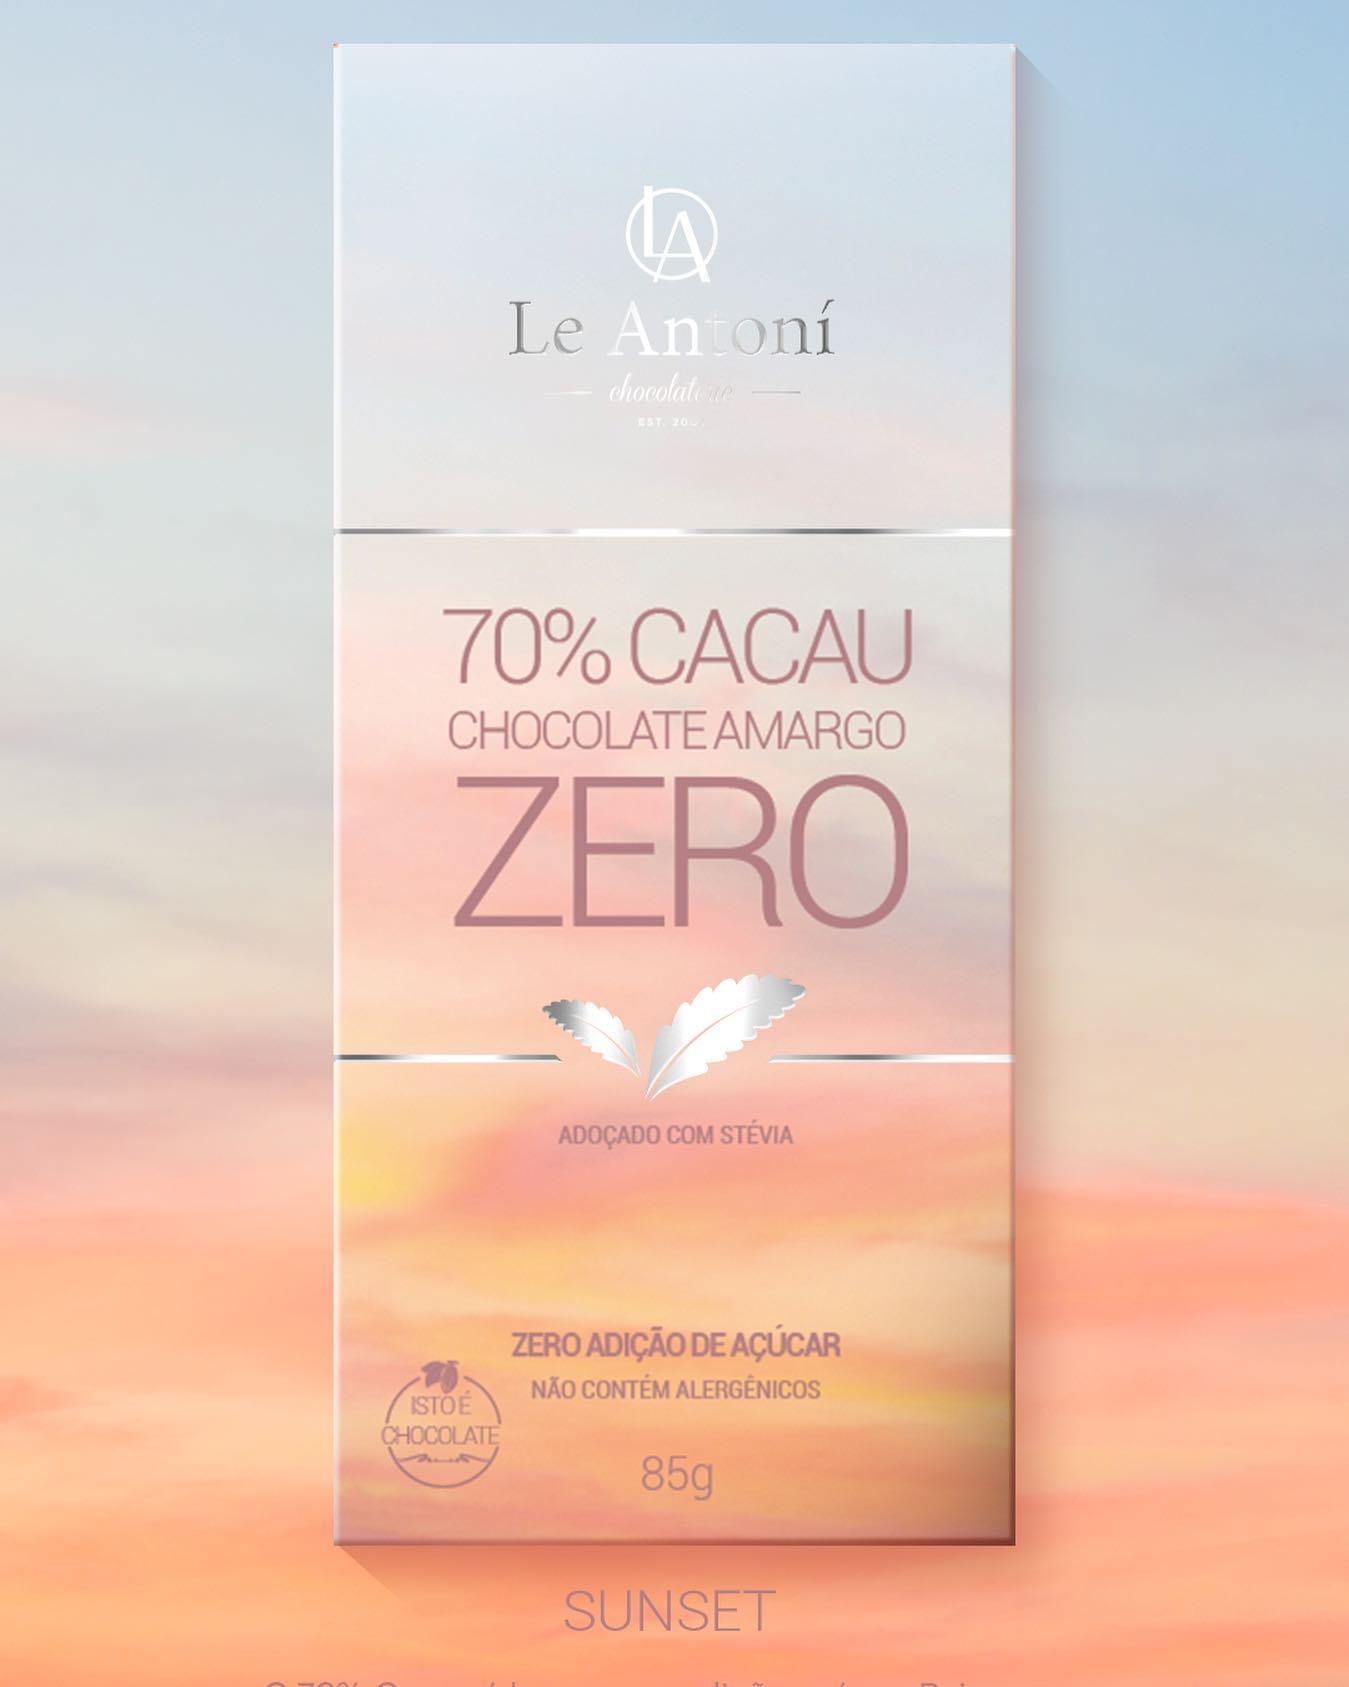 Chocolate 70% Cacau ZERO ACÚCAR  - 85g -  Le Antoní